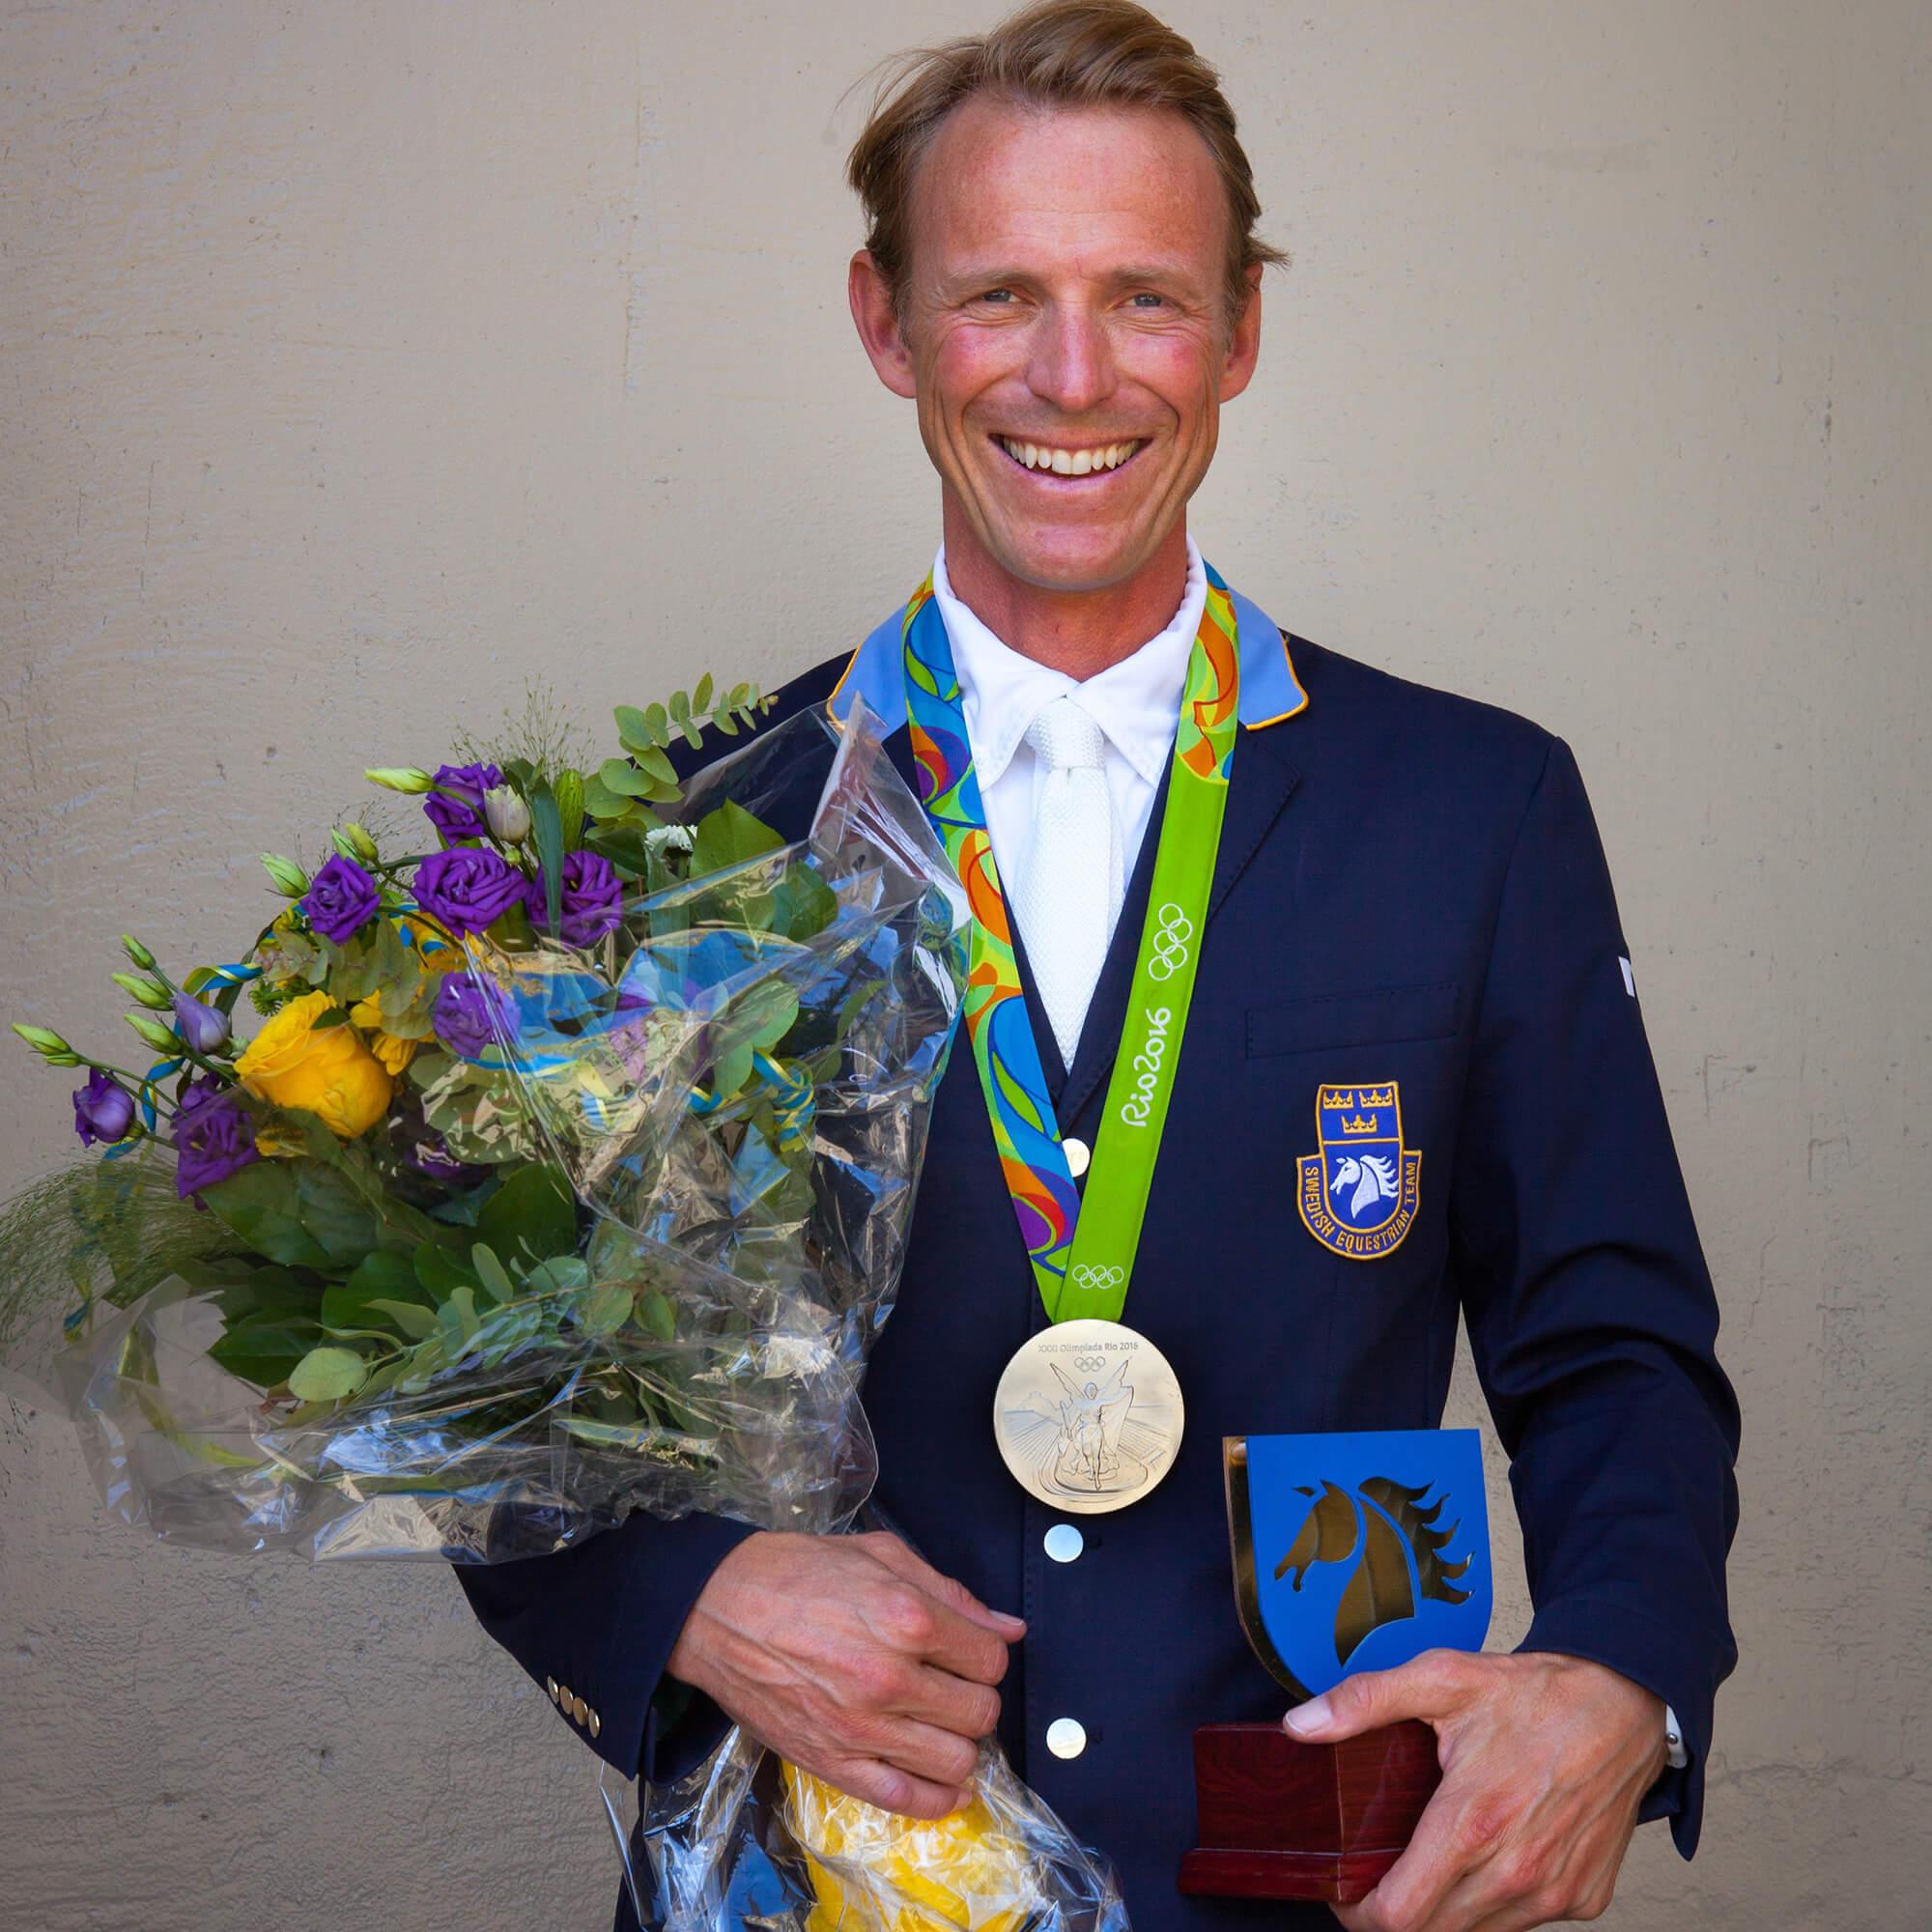 Porträtt av Peder efter OS-medaljen med en bukett blommor